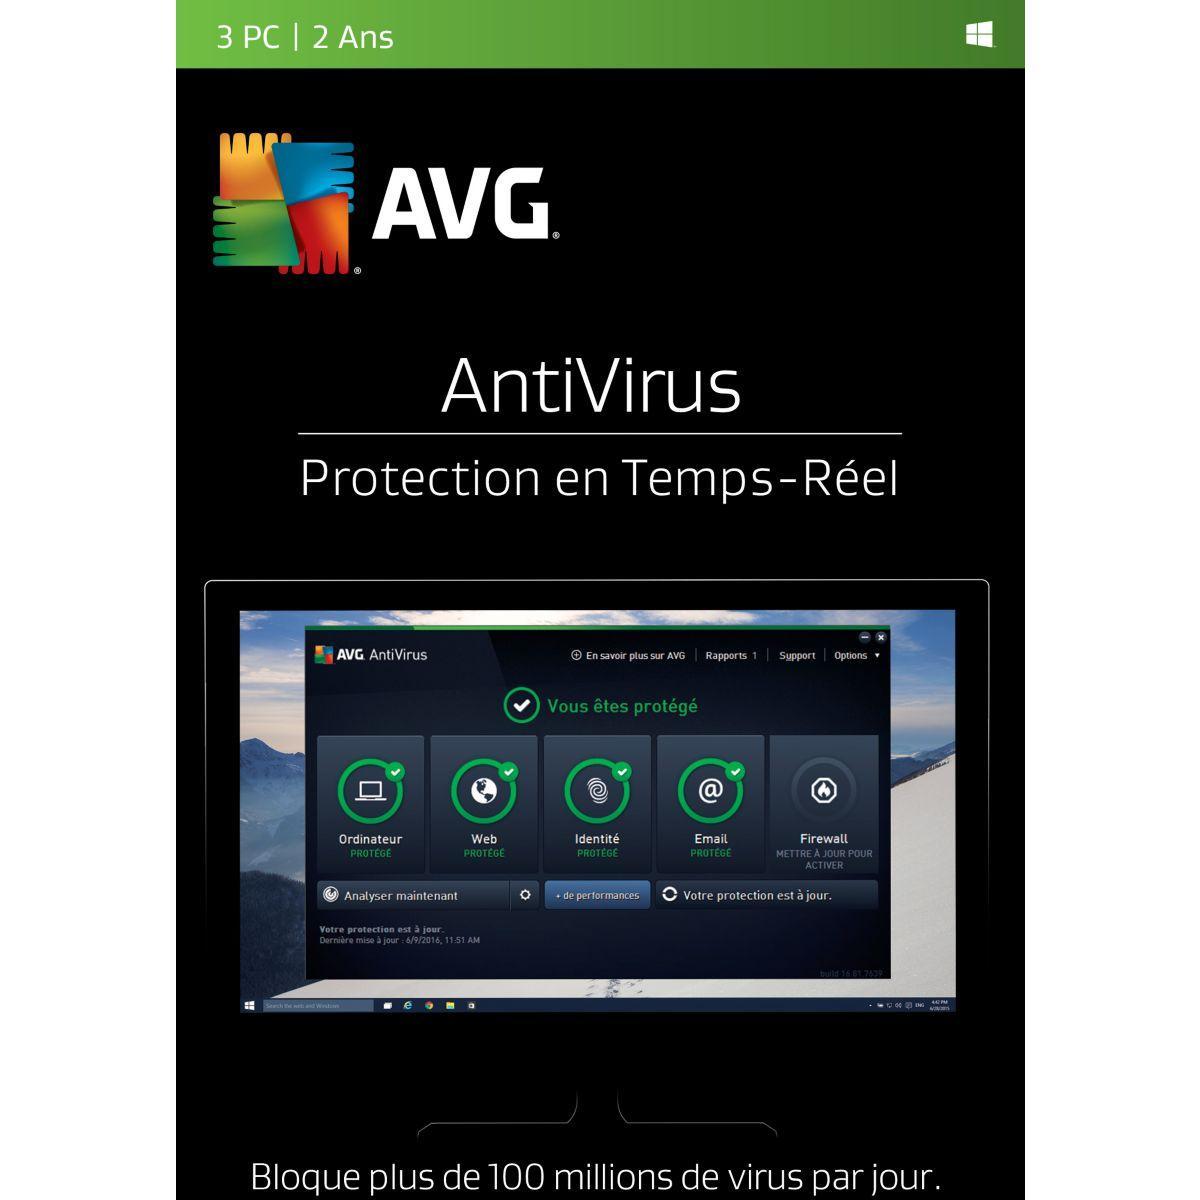 Logiciel pc avg antivirus (3 pc 2 ans) - 2% de remise immédiate avec le code : cash2 (photo)